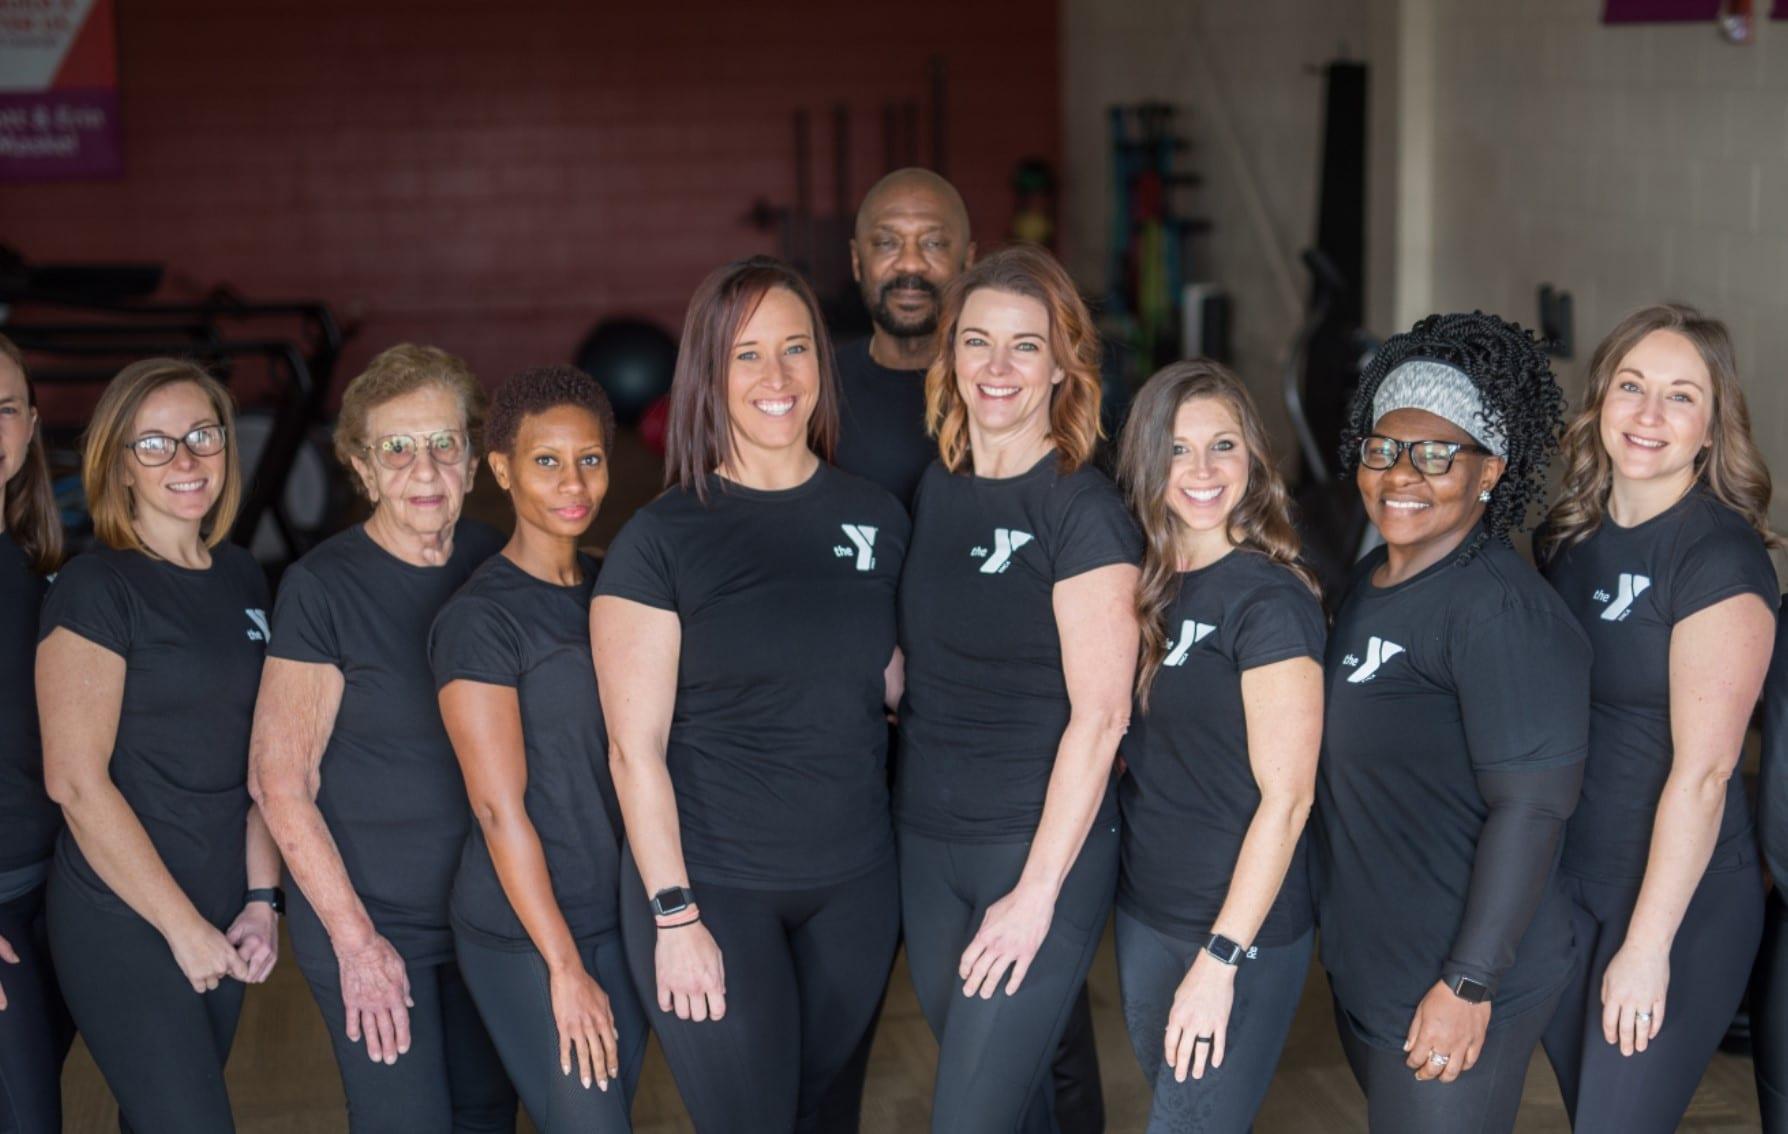 Benjamin YMCA personal trainers